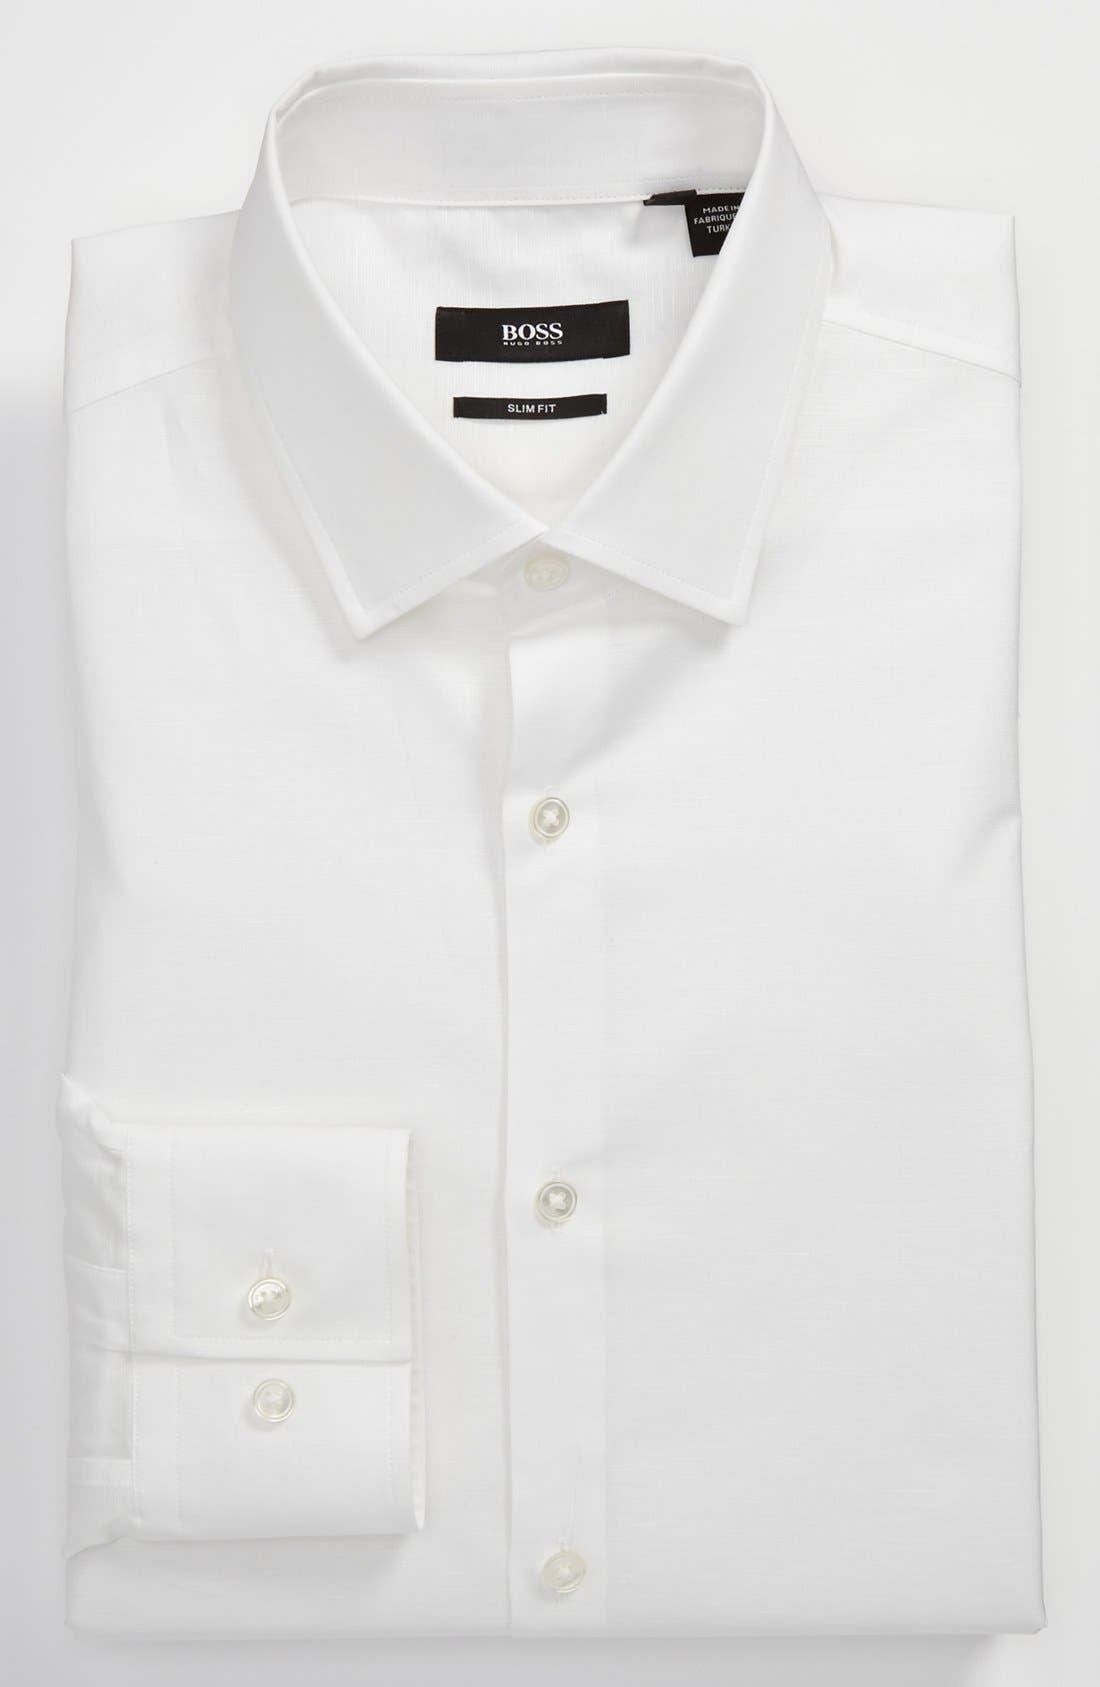 Alternate Image 1 Selected - BOSS HUGO BOSS 'Jenno' Slim Fit Linen Dress Shirt